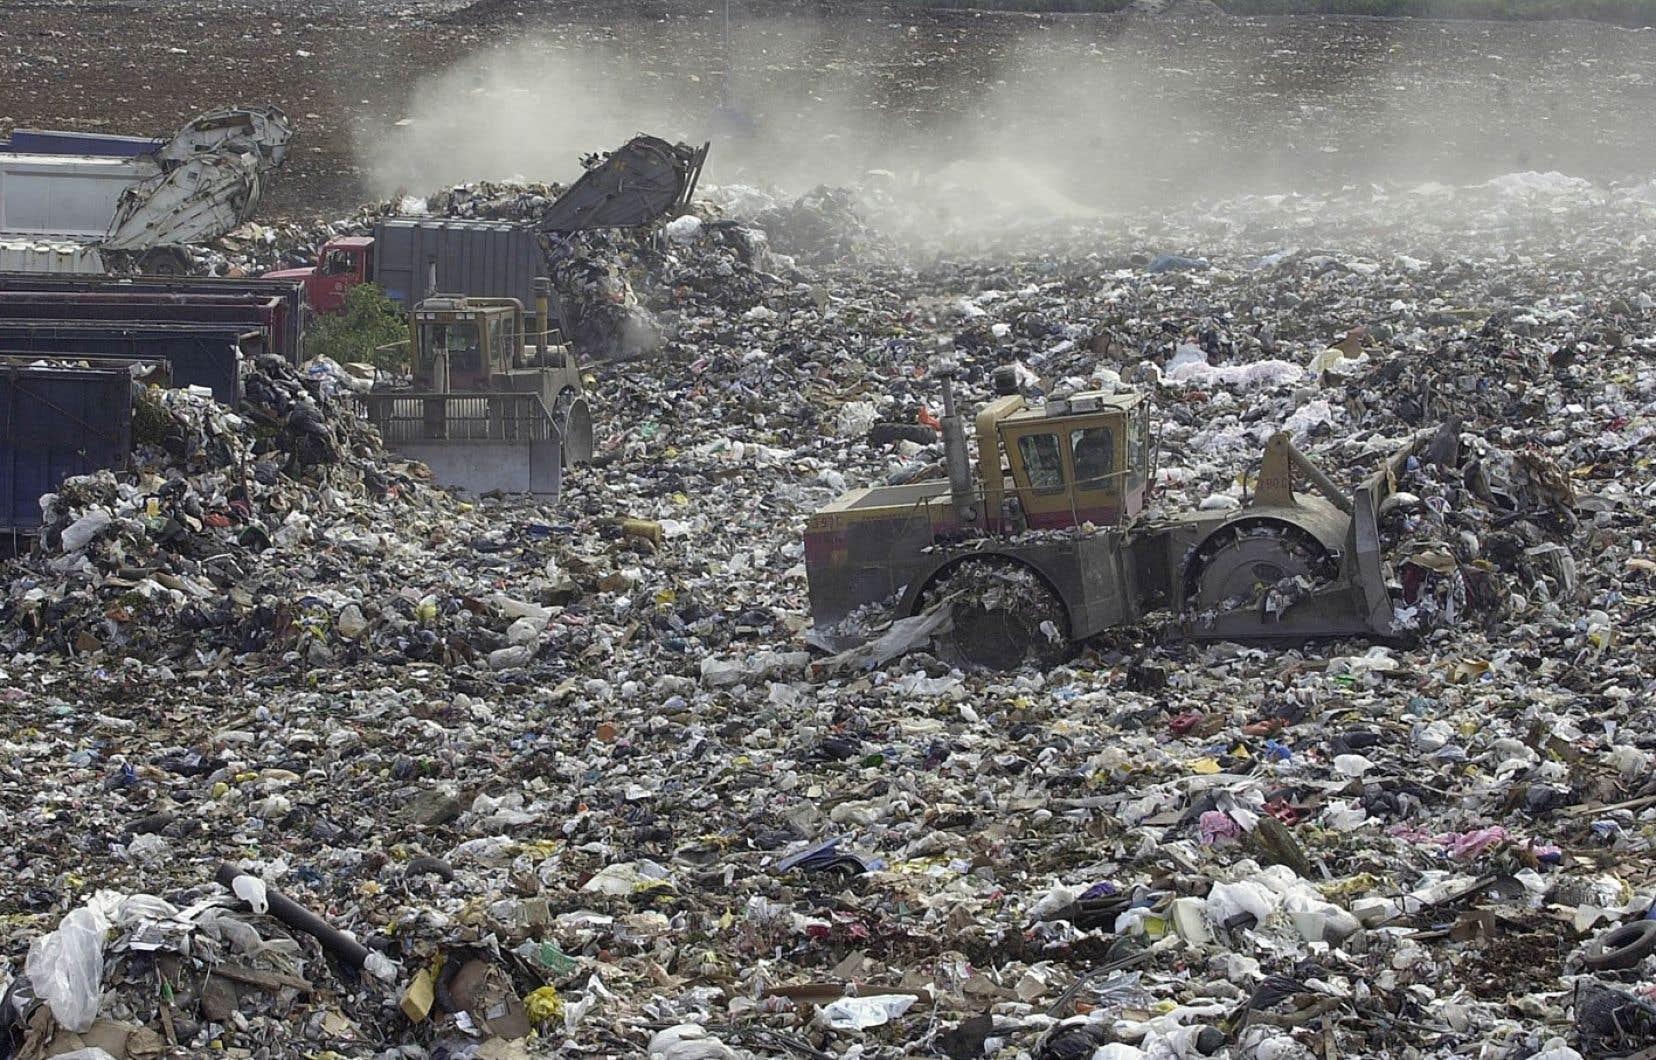 À peine 27% des matières dites «putrescibles» sont recyclées, selon le plus récent bilan de Recyc-Québec, soit celui de 2018. Tout le reste est envoyé dans les sites d'enfouissement, où les matières organiques produisent du méthane, un puissant gaz à effet de serre.